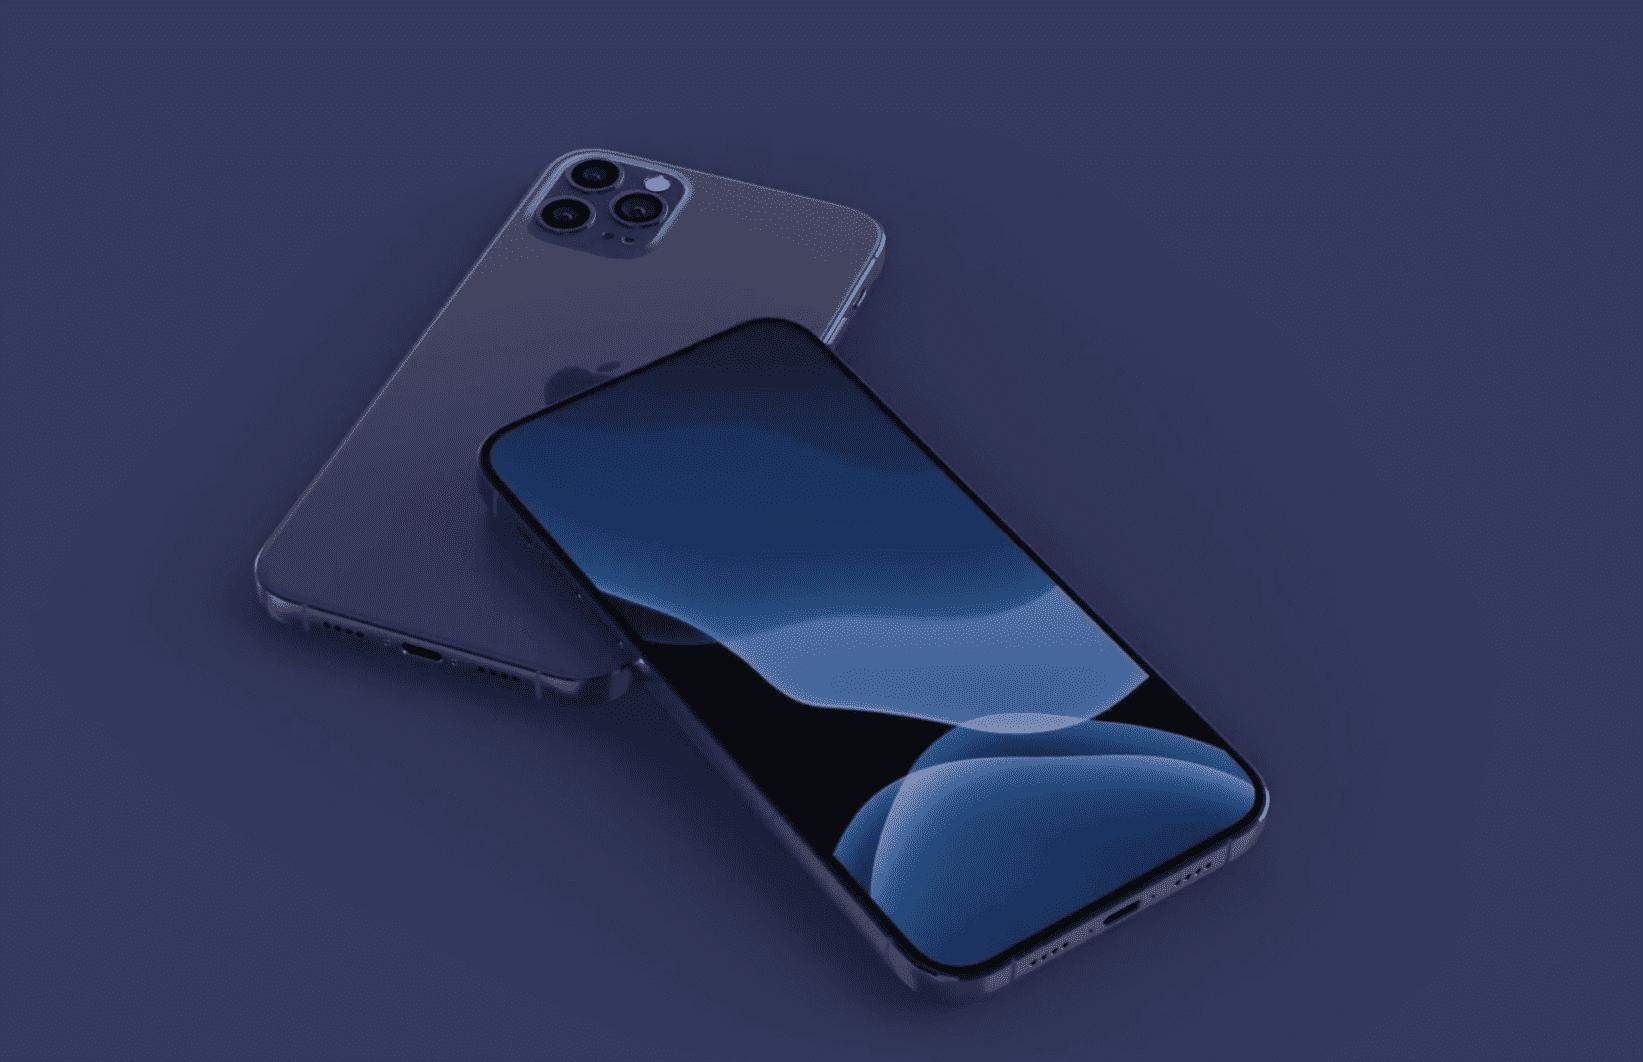 Iphone 12 Navy Blue Render Img 6